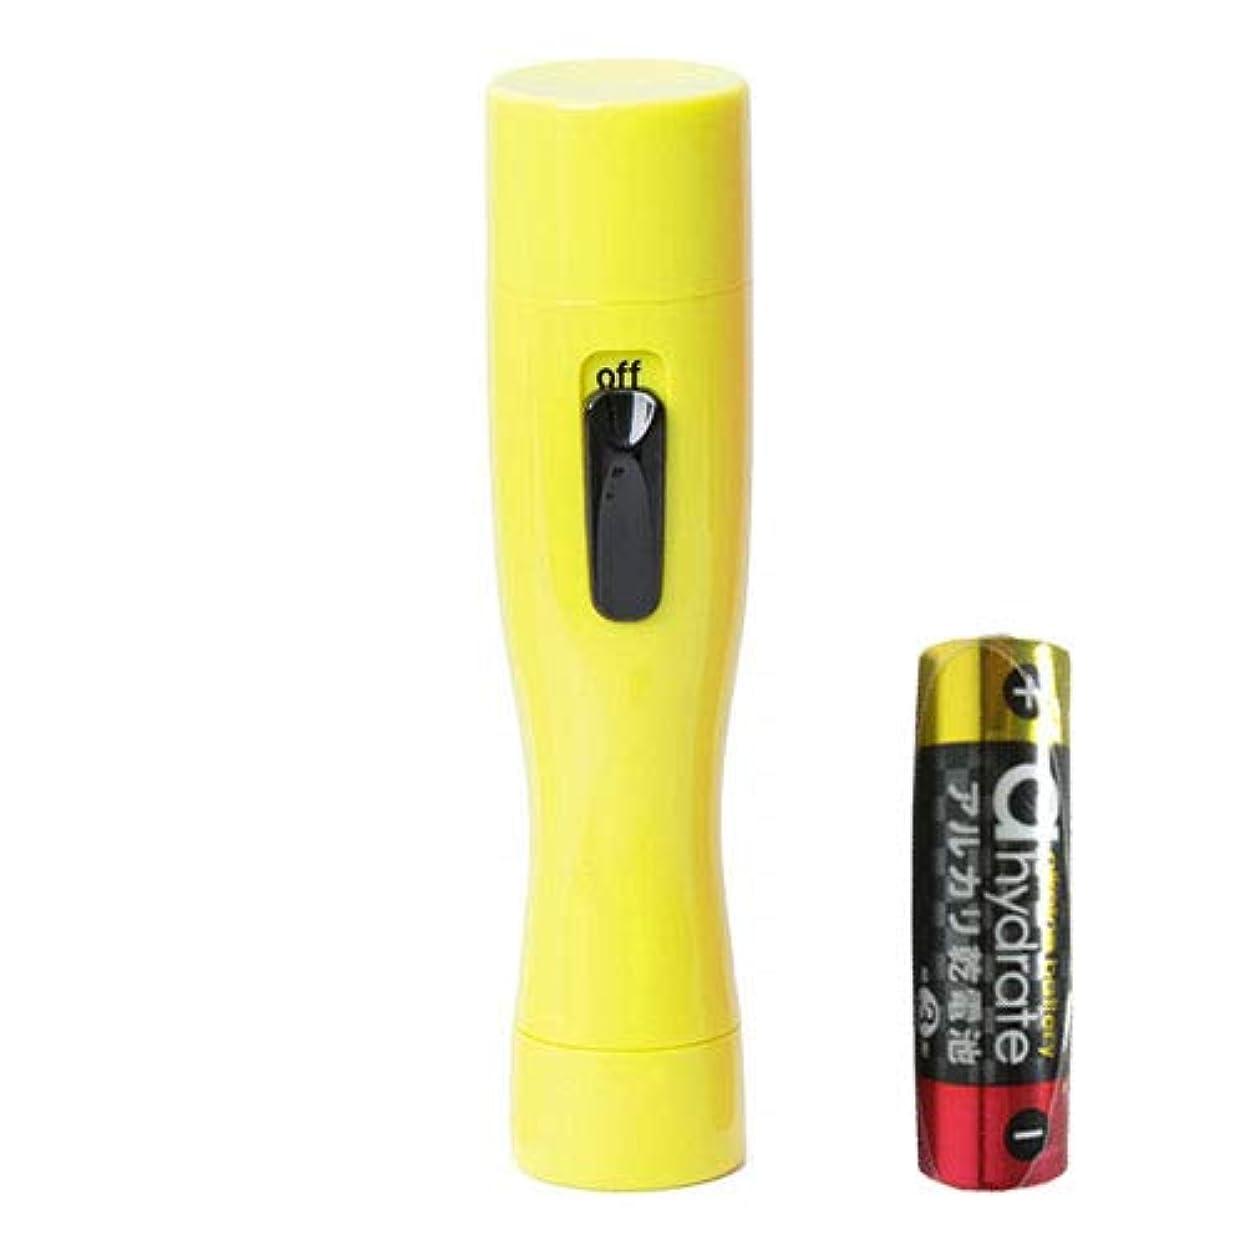 ガス会話圧縮されたアルファP Solstick mini(ソルスティックミニ) イエロー + 単3アルカリ乾電池セット